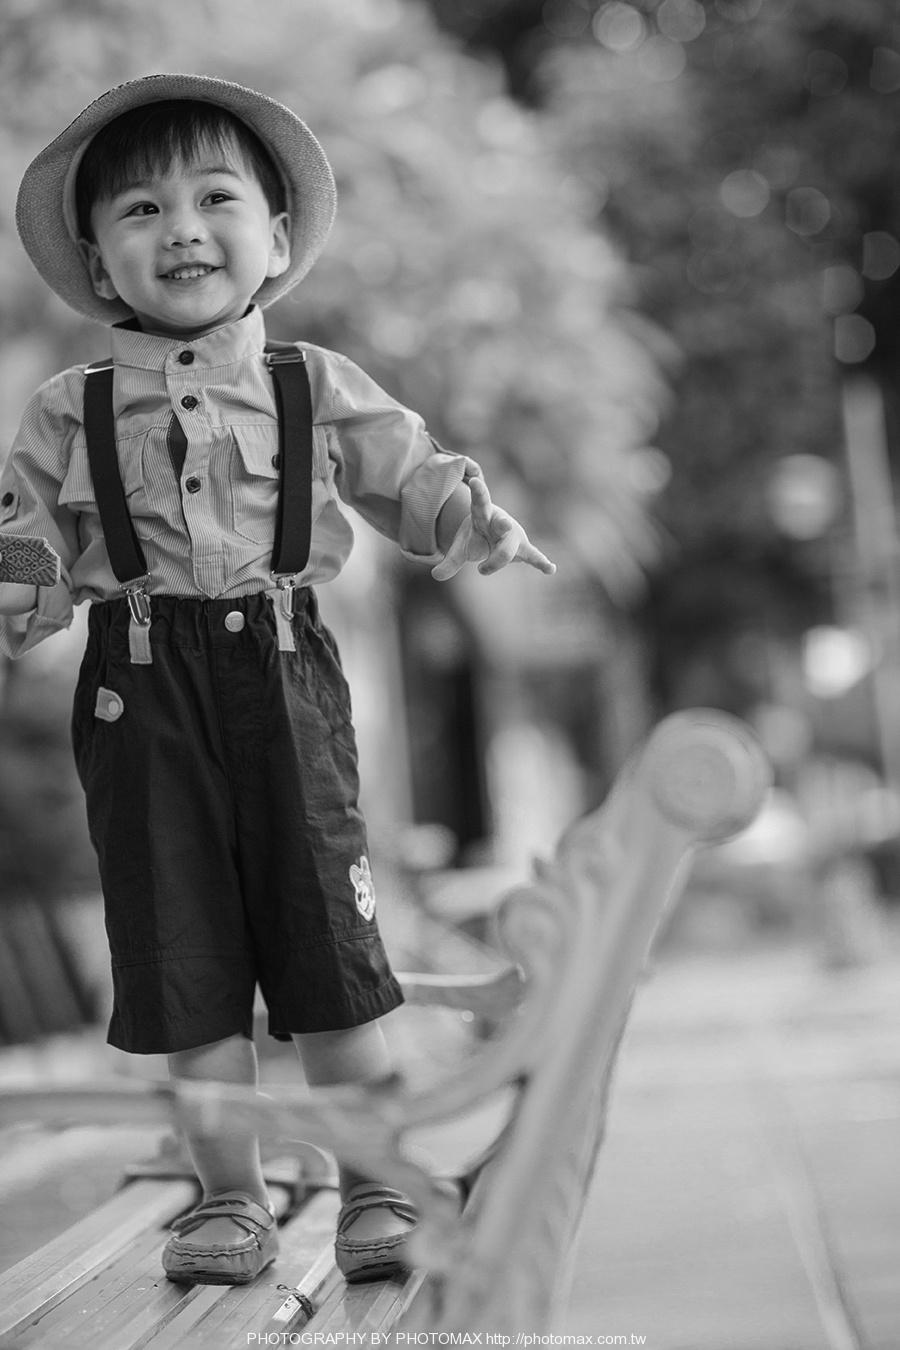 小王子 PHOTO MAX 麦叔叔 儿童摄影 (2)